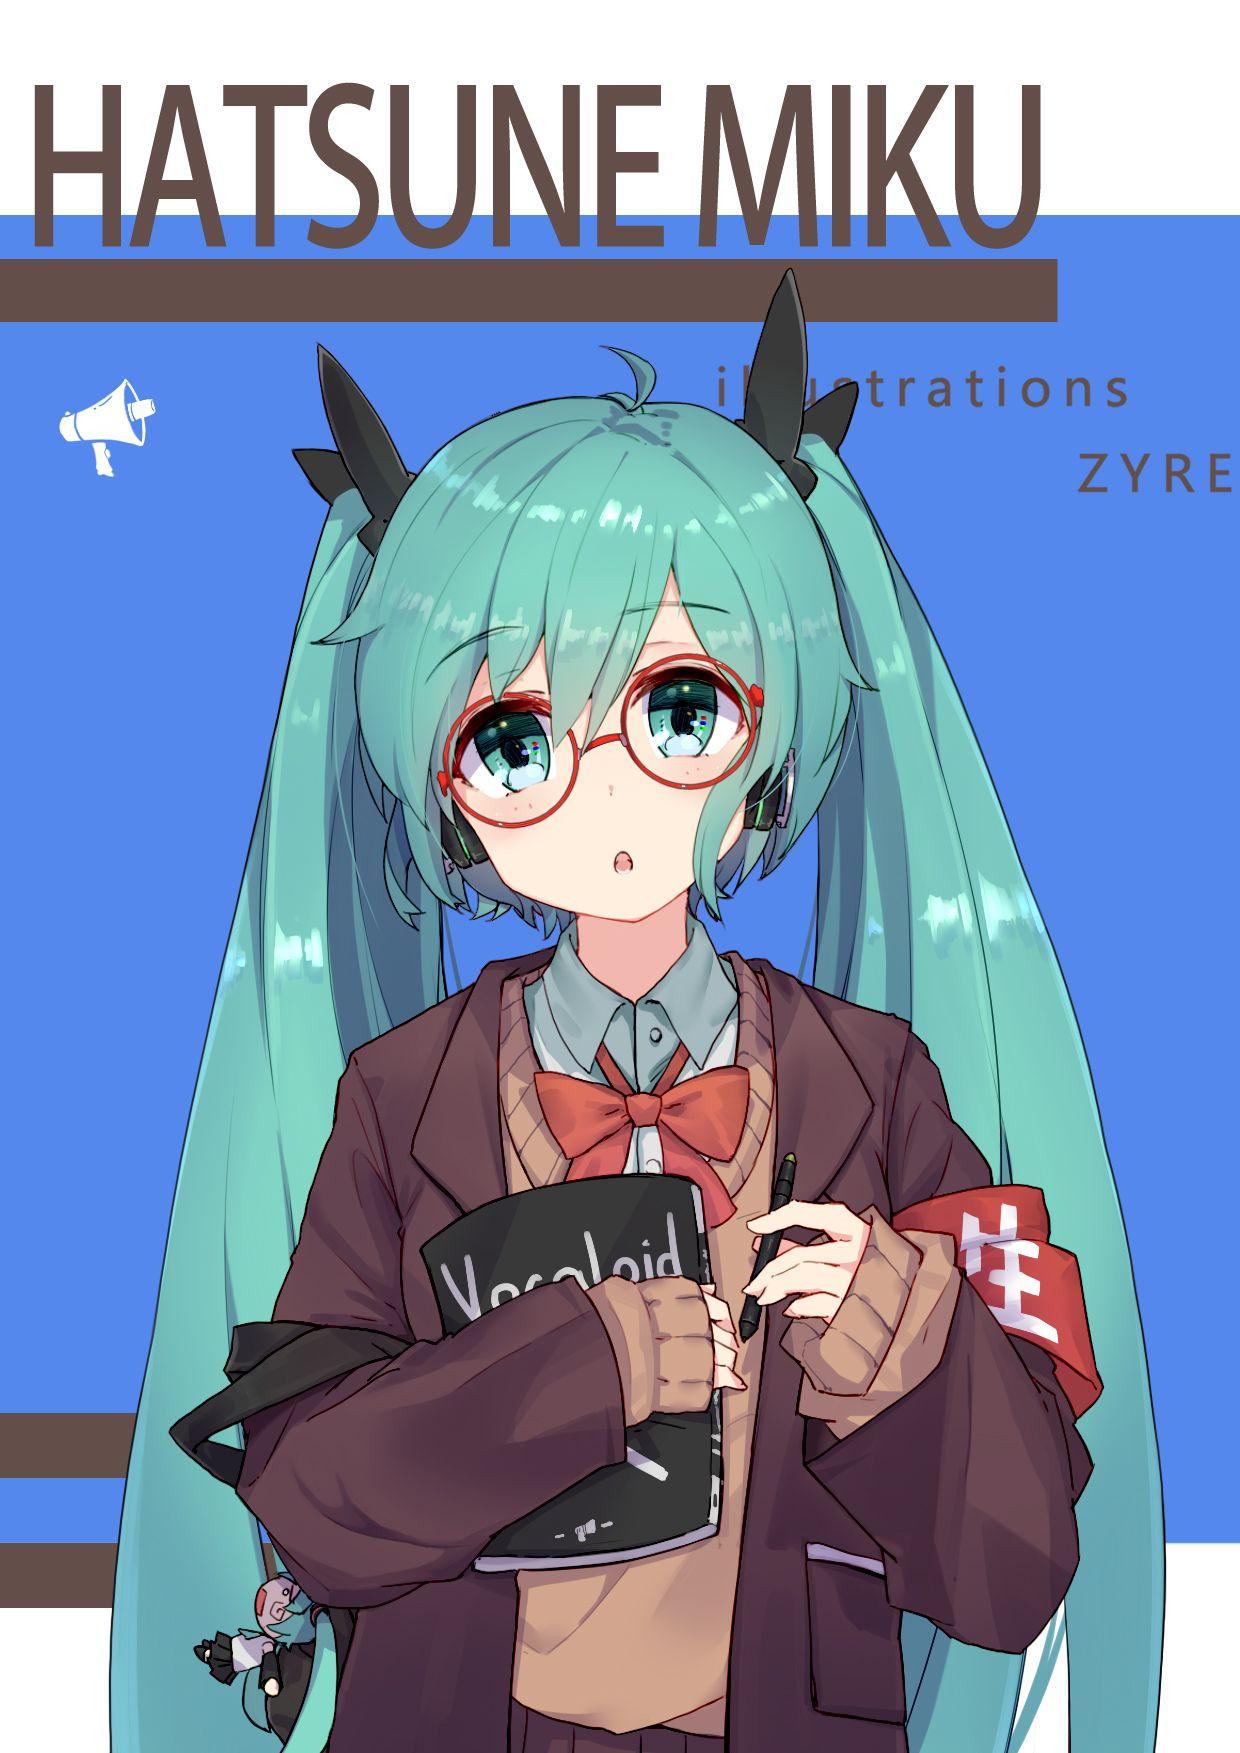 Miku ️💕 ️ imagens) Anime, Animação japonesa, Animação